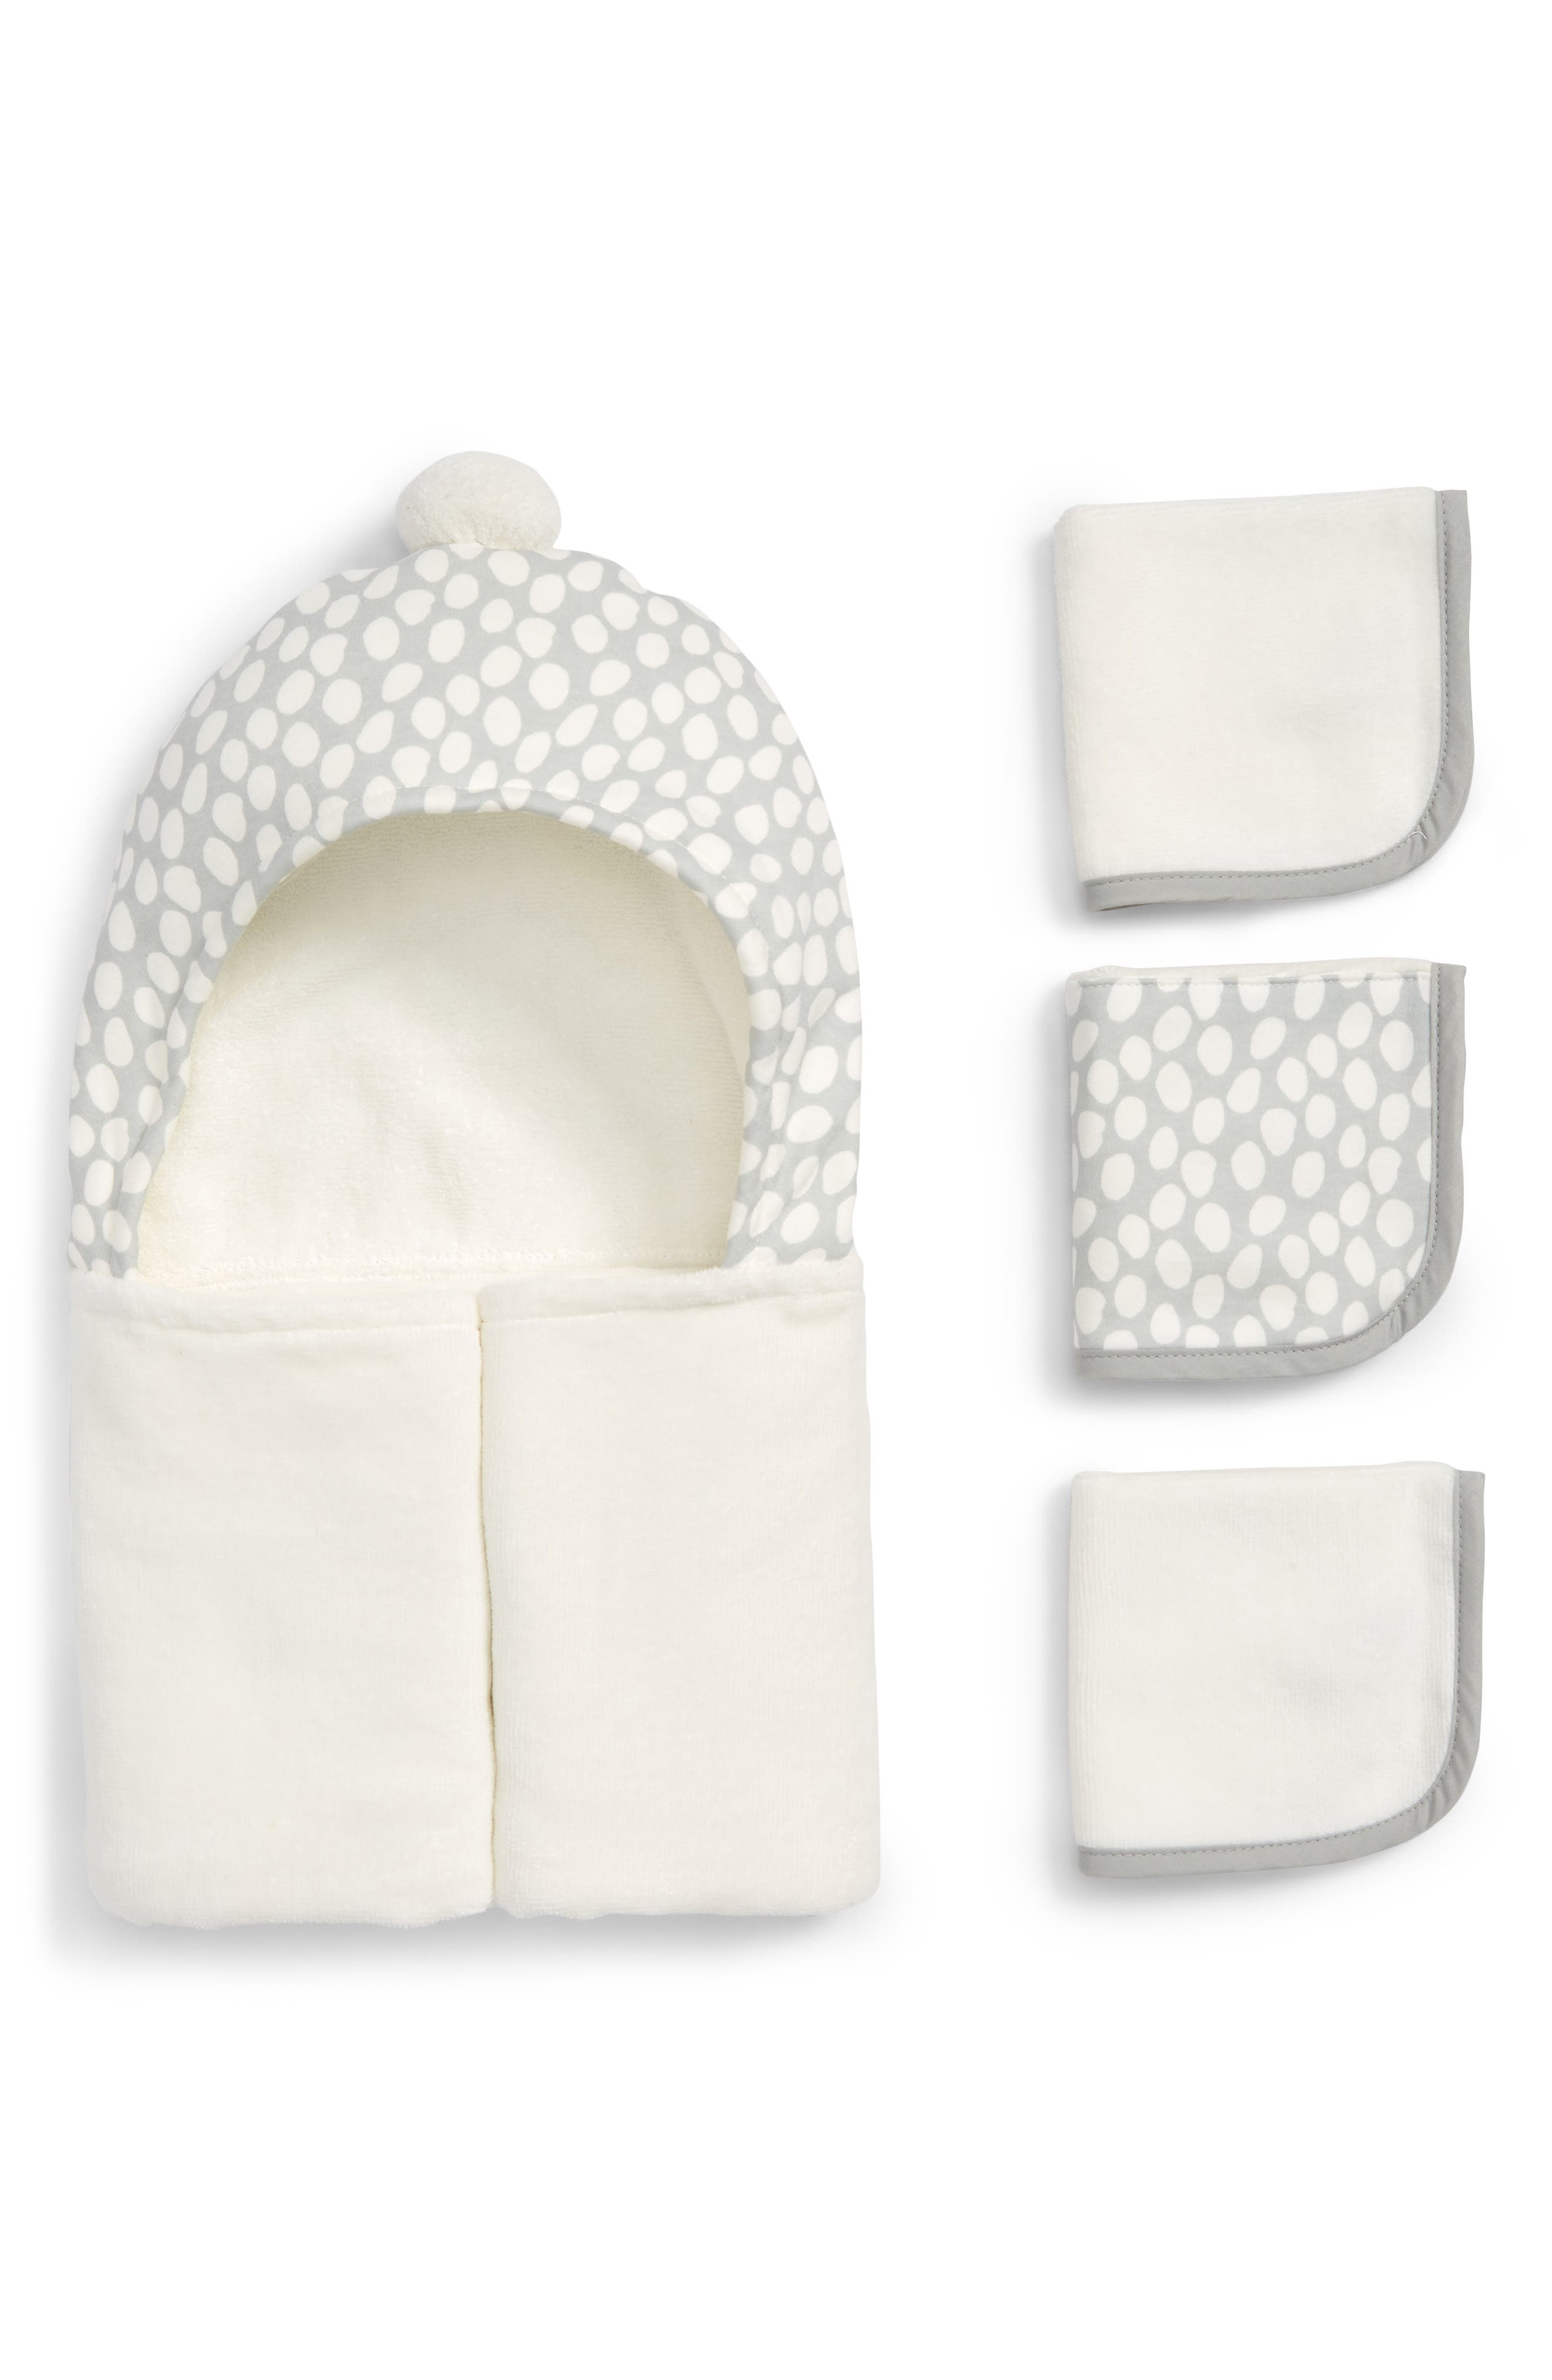 ELEGANT BABY, Grey Dots Hooded Towel & Washcloths Set, Main thumbnail 1, color, WHITE/ GREY